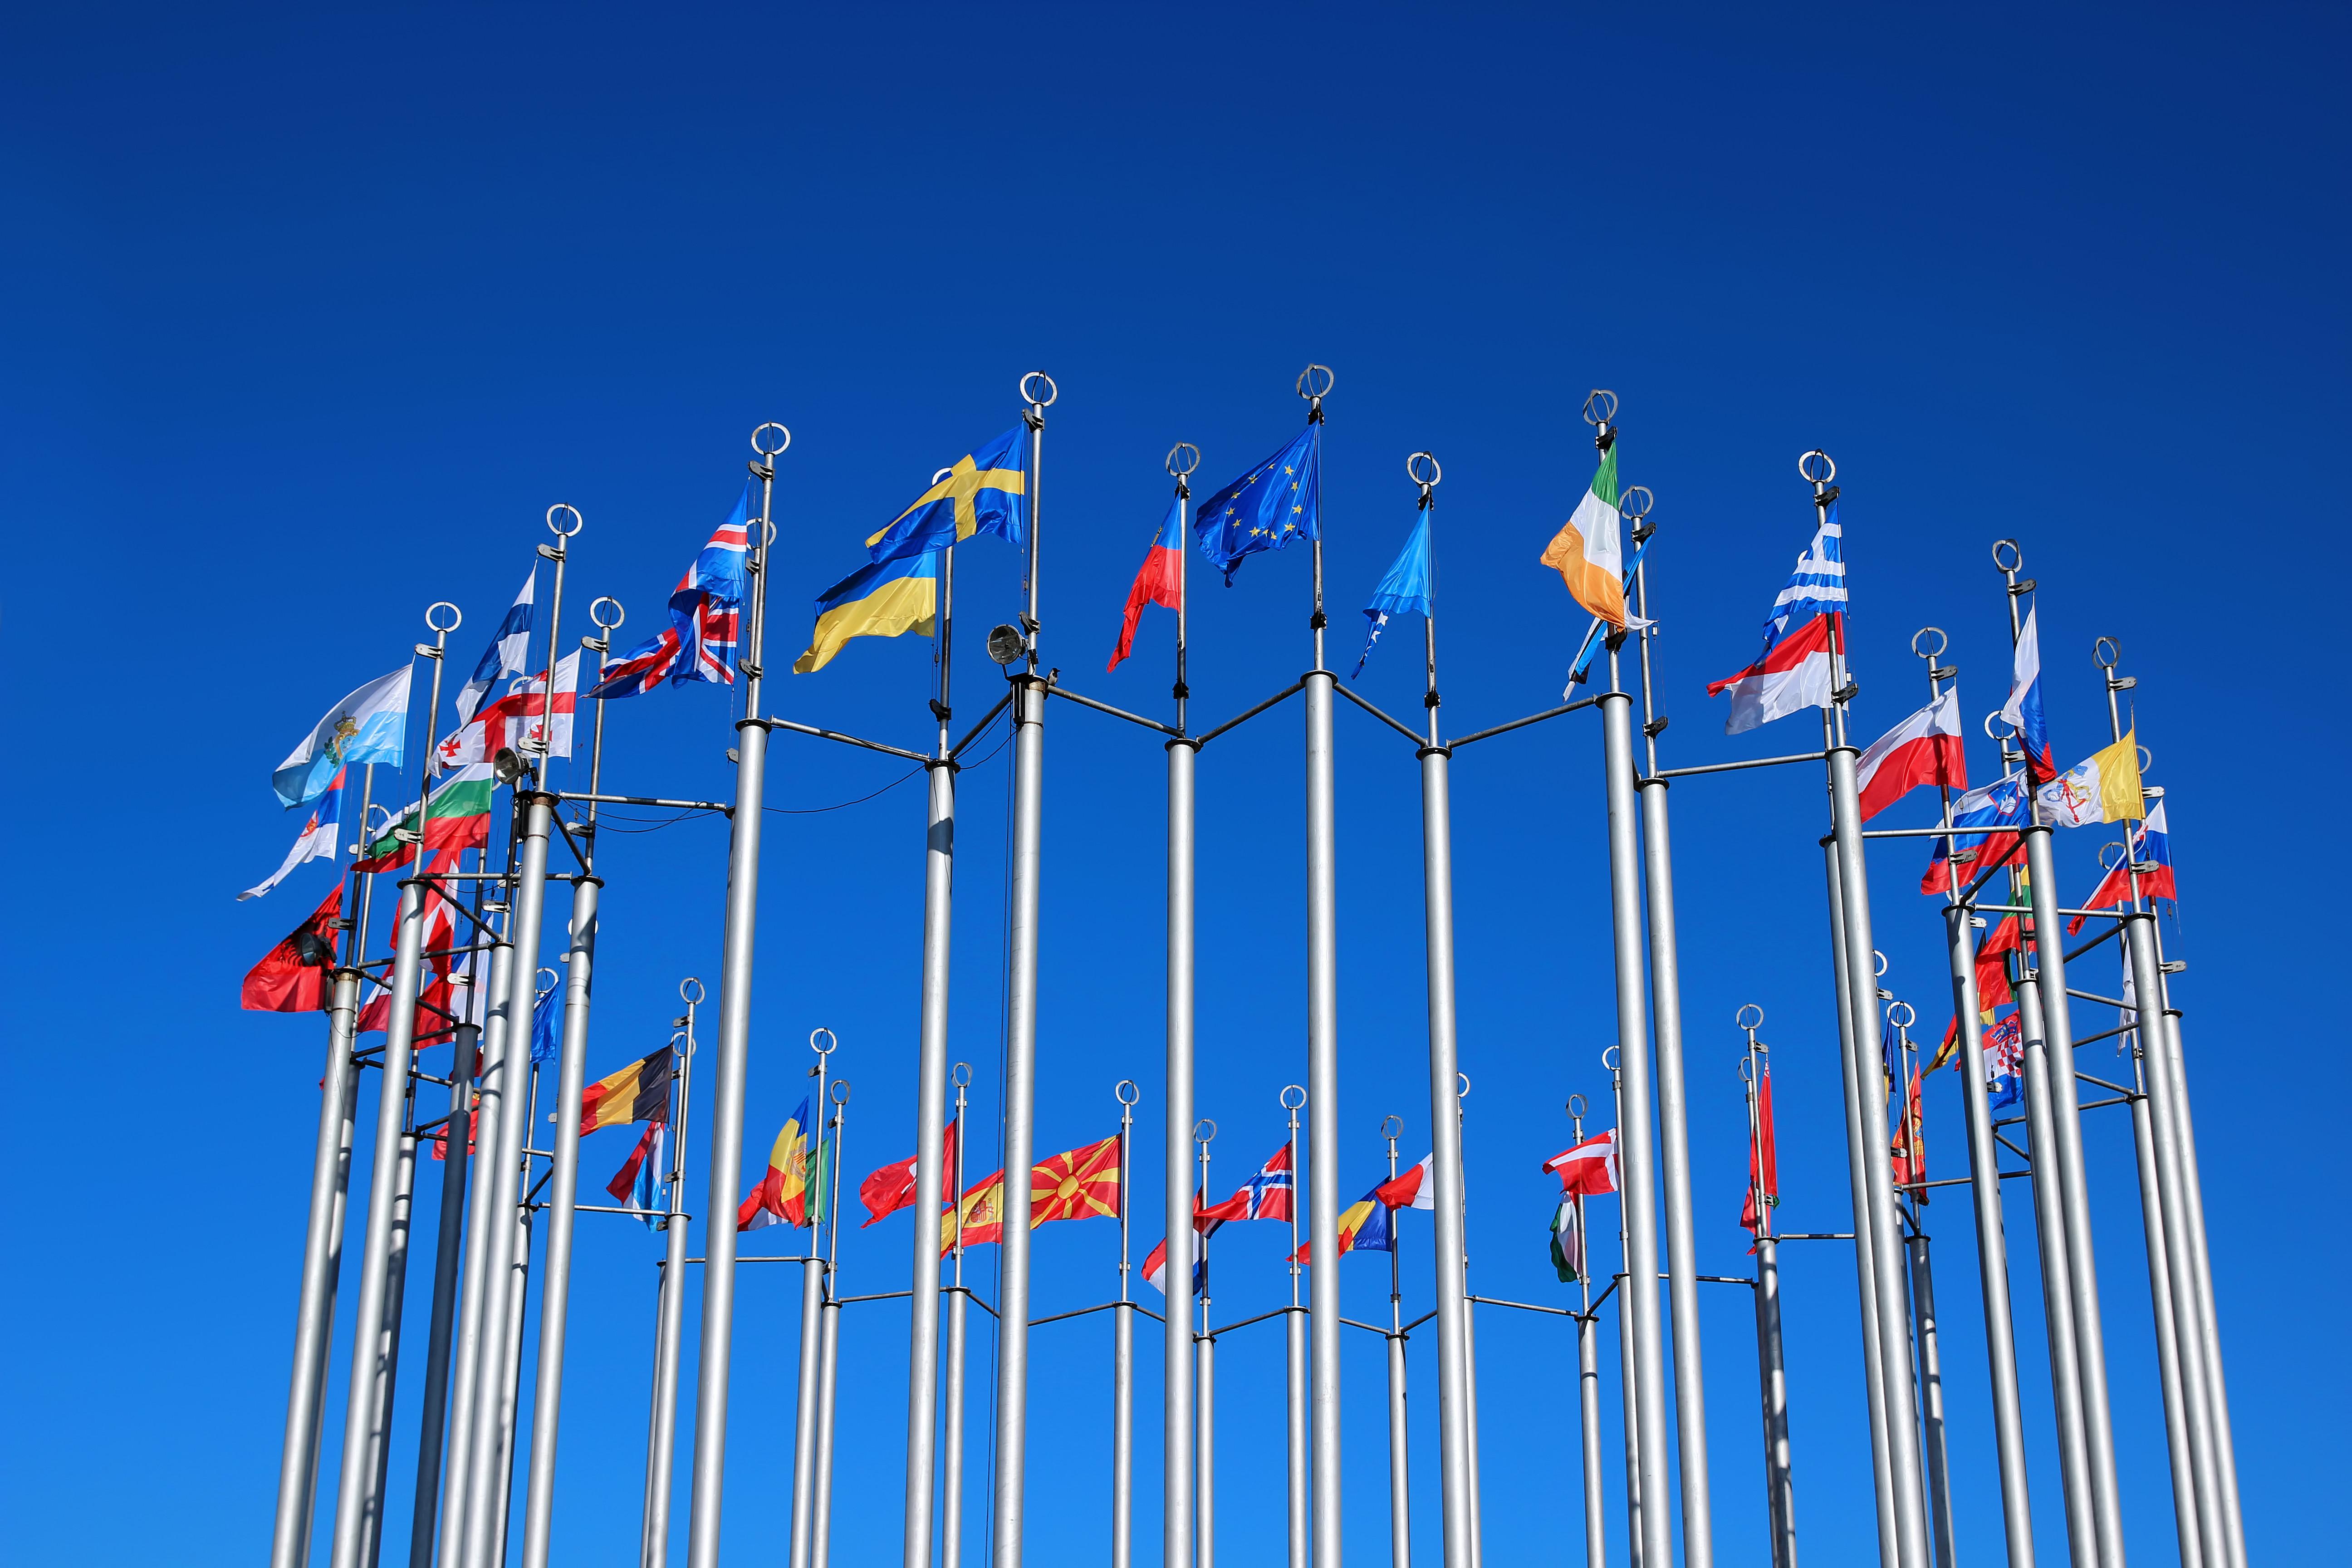 Eiro zonas banku veiktās kreditēšanas apsekojums